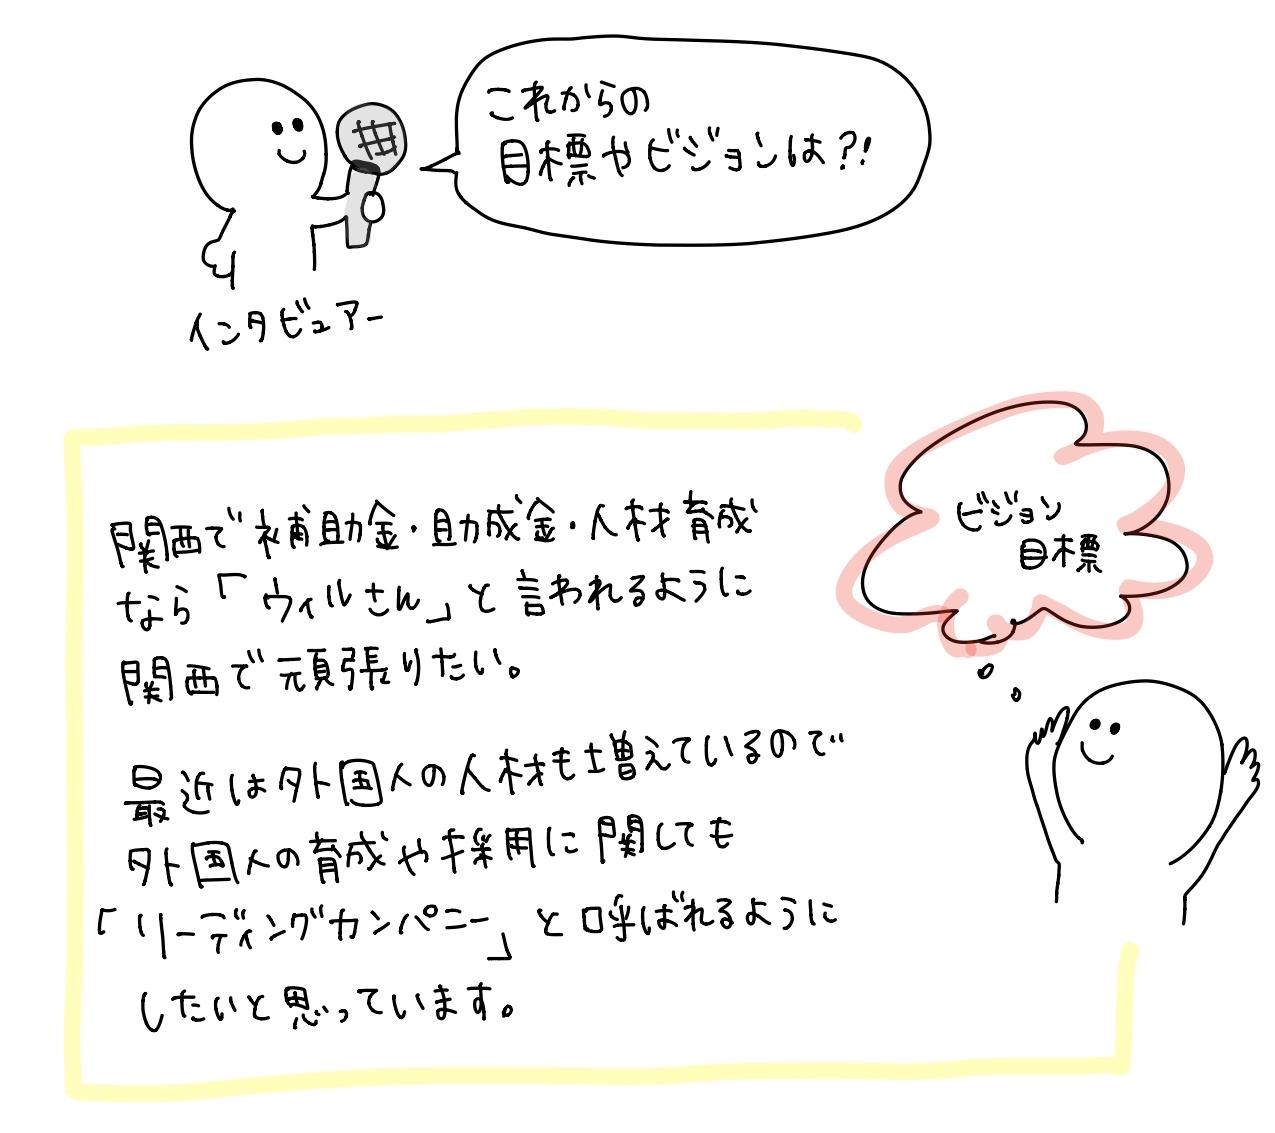 ウィル・スキル・アソシエイト株式会社の竹内慎也さんのこれからのビジョン